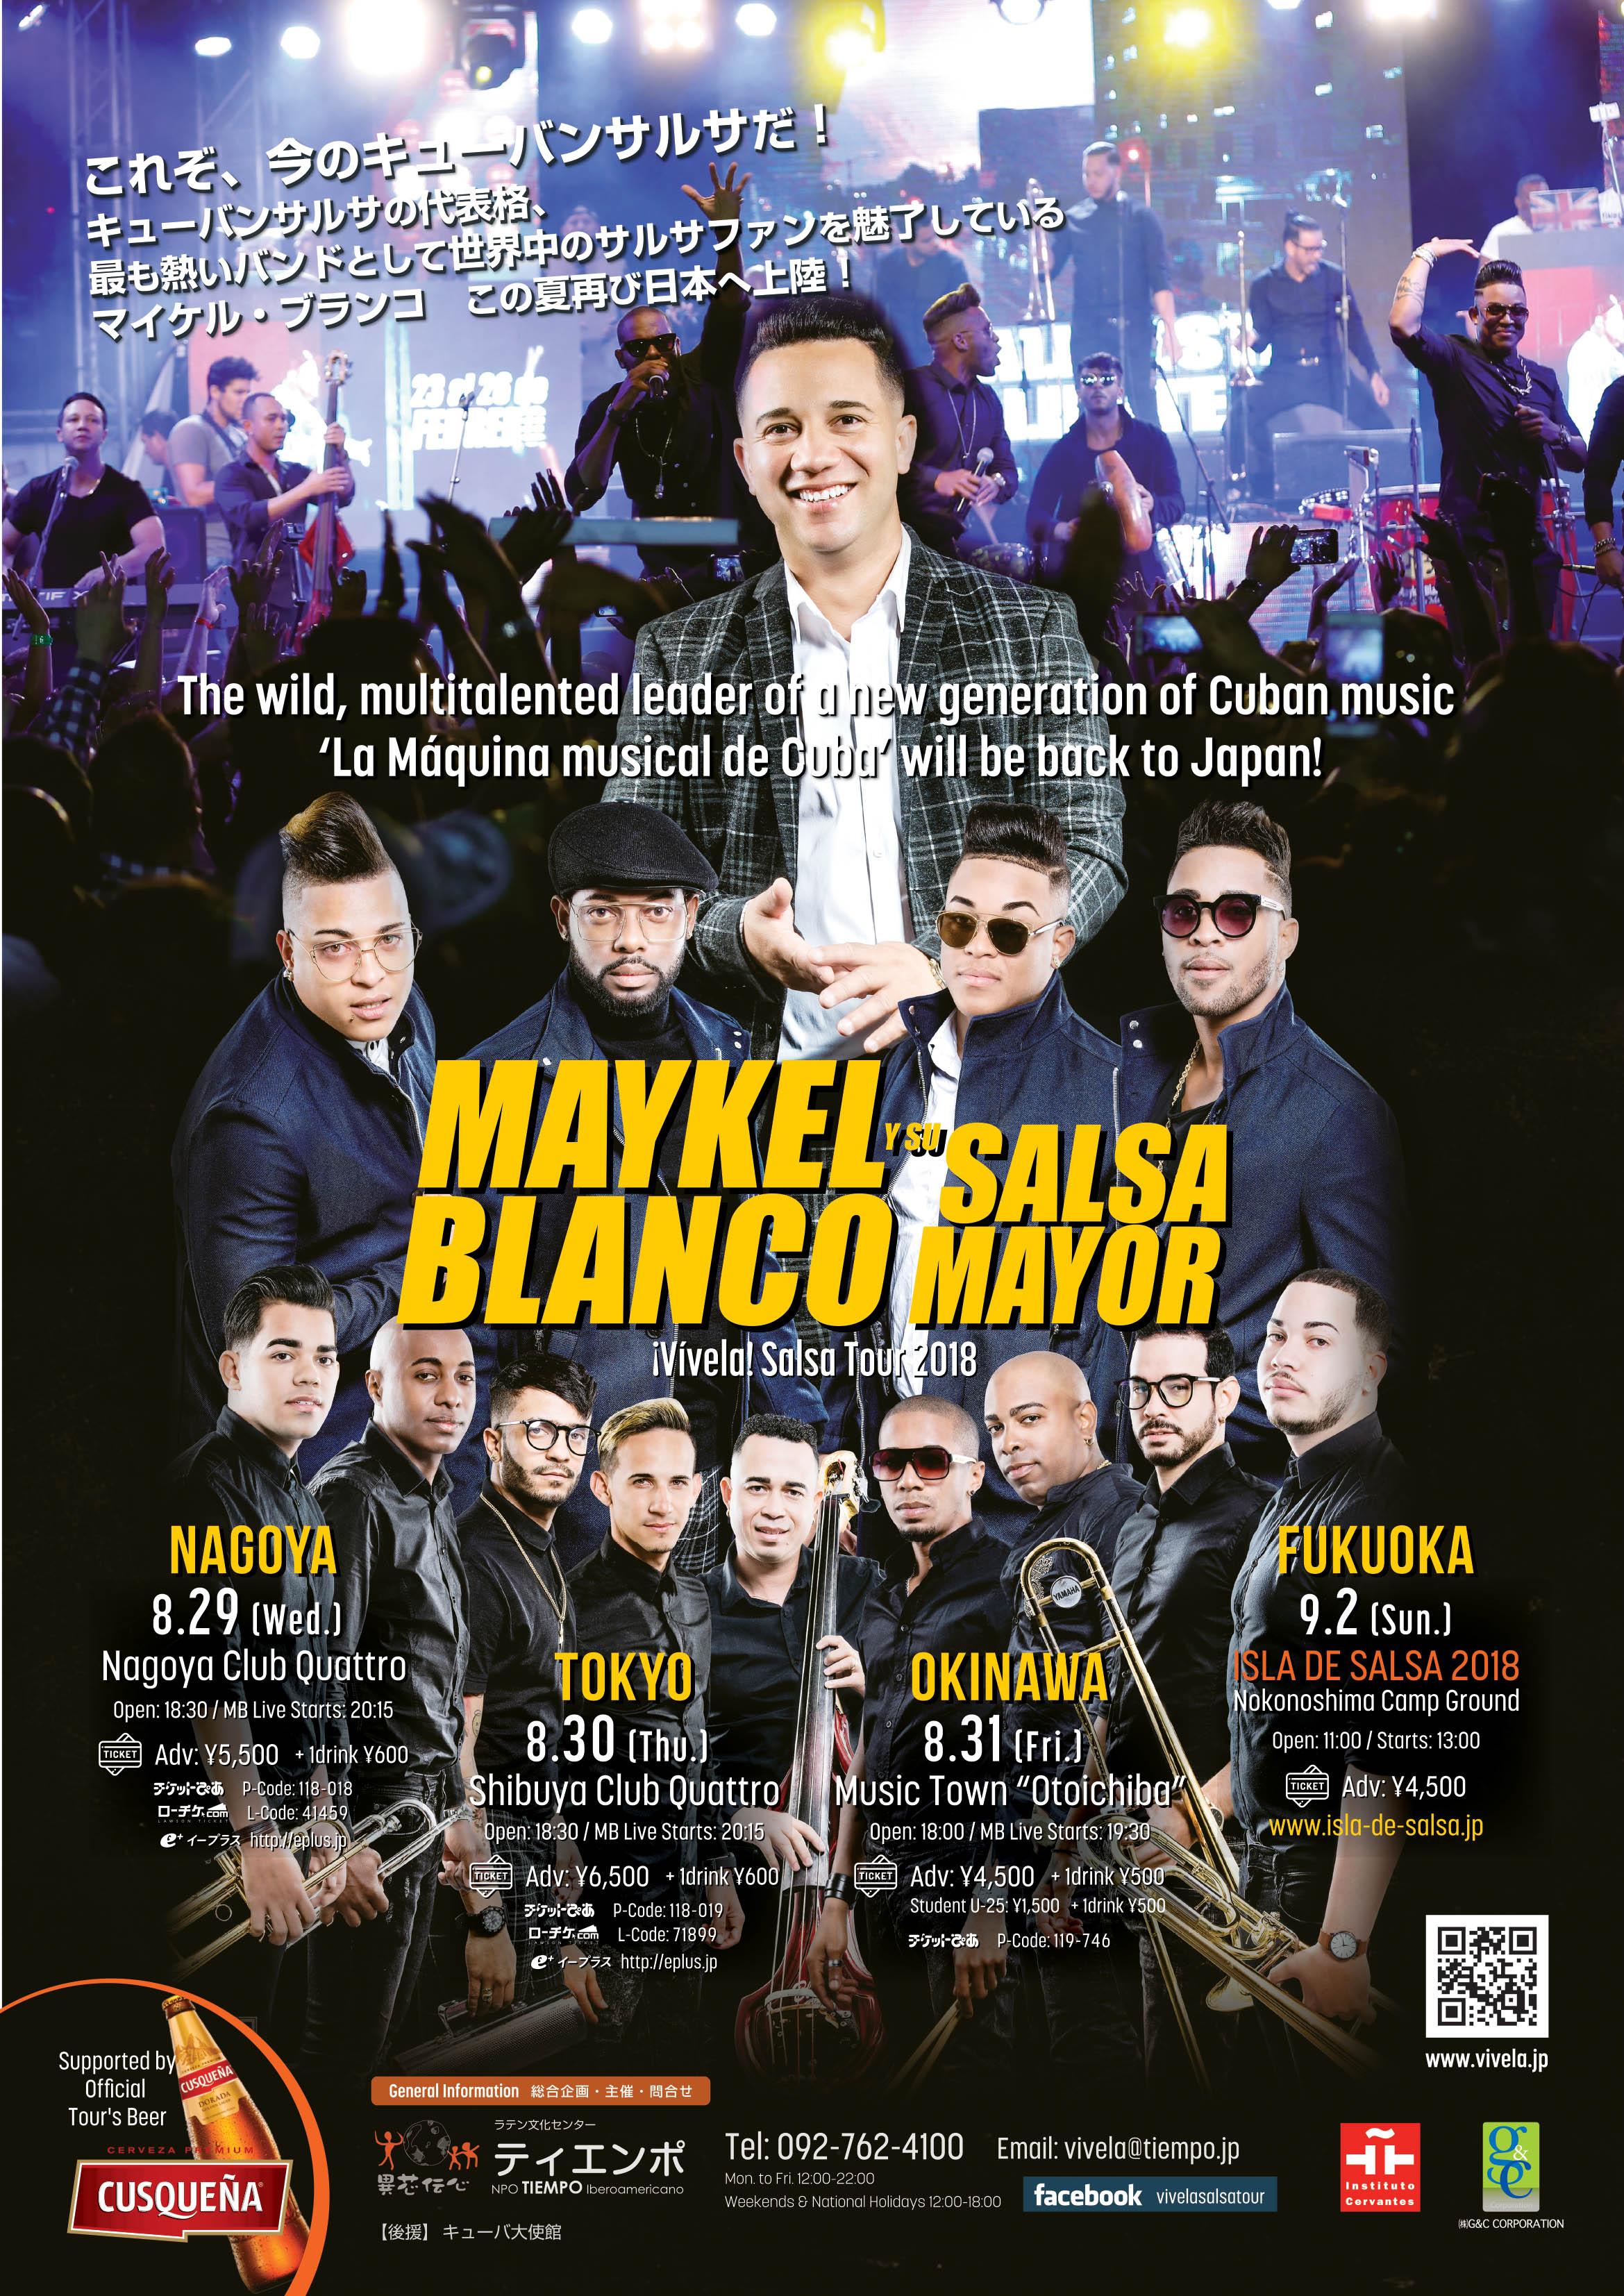 Maykel Blanco (マイケル ブランコ)再来日!今最もカリエンテなキューバンサルサのサウンド & パフォーマンスに乞うご期待!8 30(木)公演@渋谷クアトロ